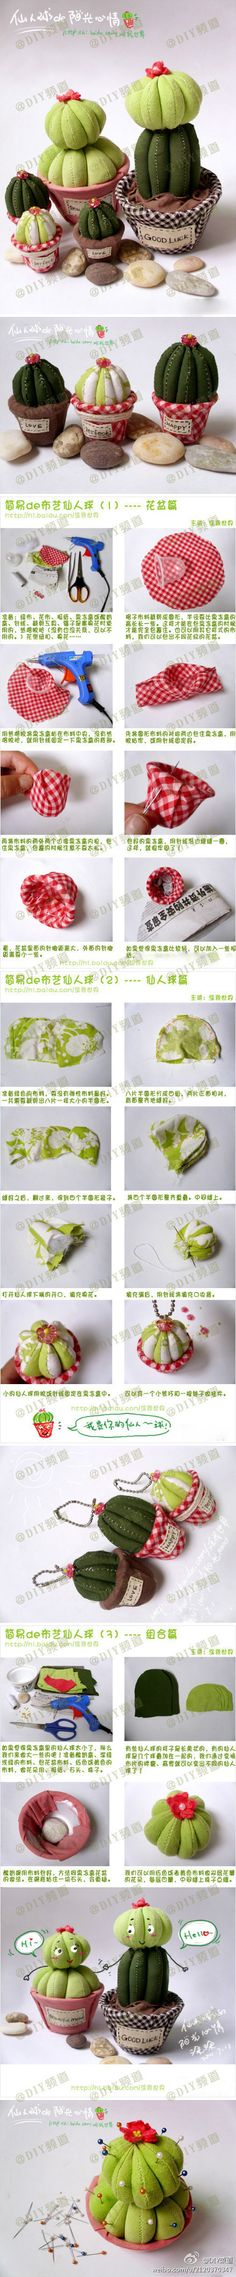 cactos de tecido.